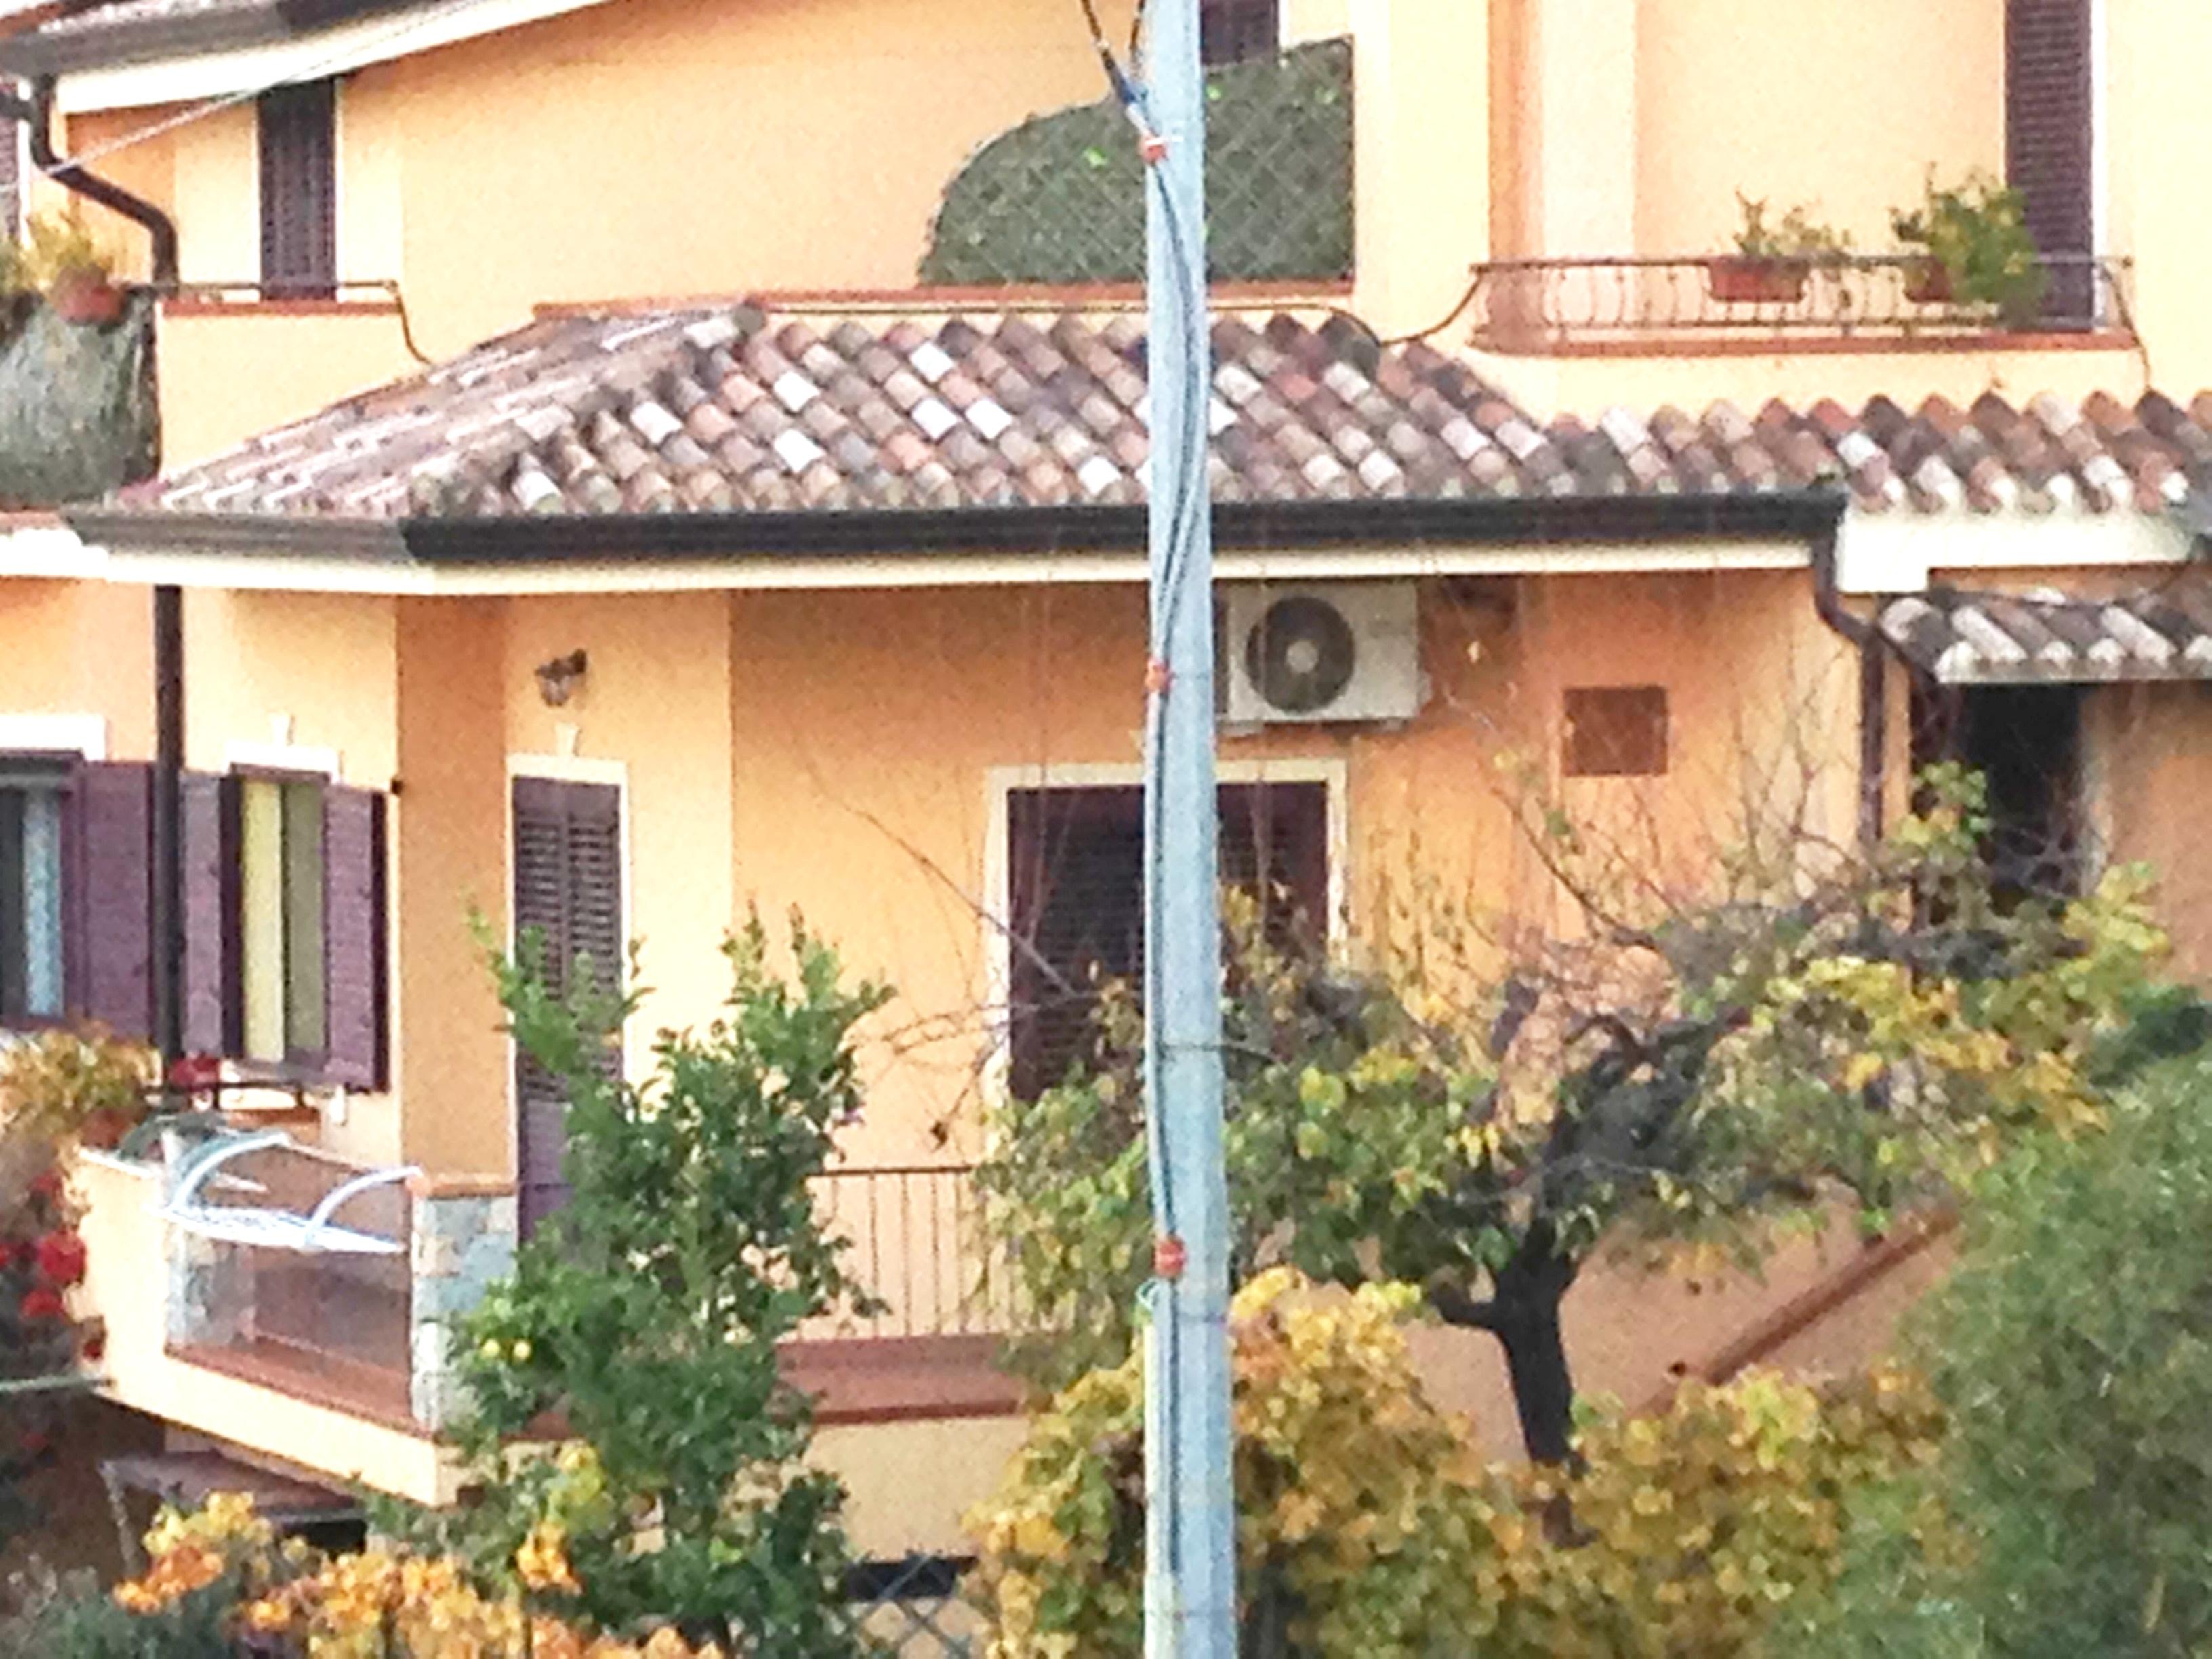 File:Condizionatore sul terrazzo di una casa 1.jpg - Wikimedia Commons